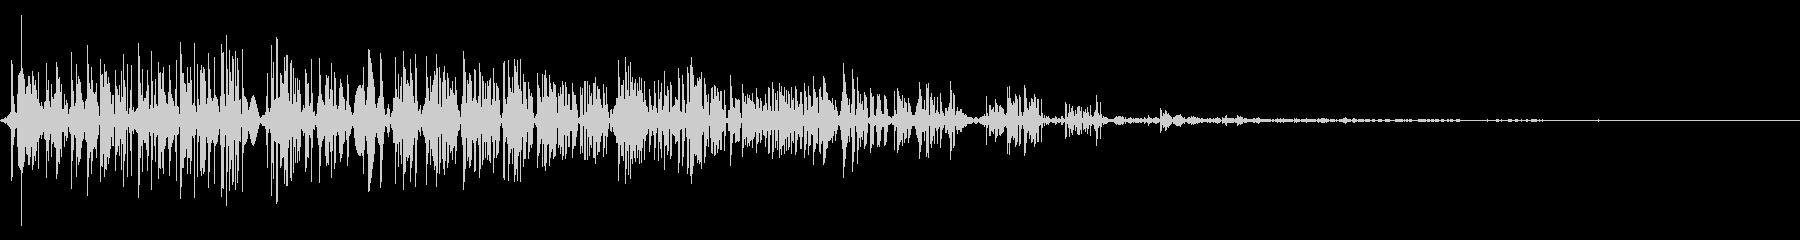 ビシッ! レトロゲーム風 ダメージ音の未再生の波形